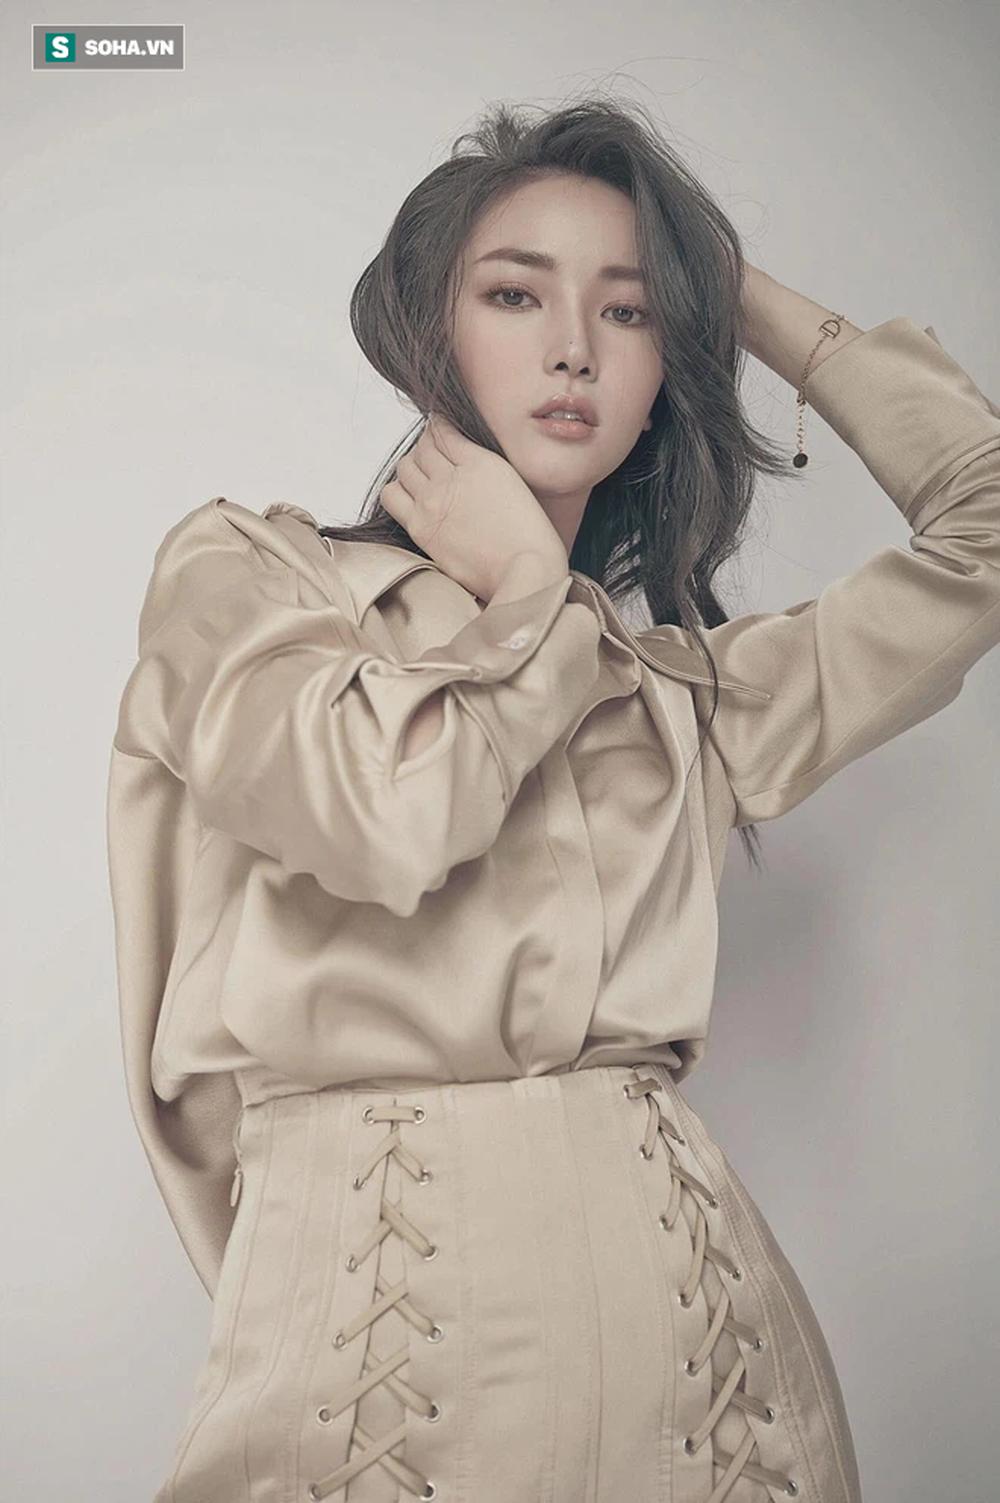 Nữ BTV xinh đẹp Khánh Linh: Chúng ta đều mong ĐTVN thắng, nhưng cũng phải thực tế... - Ảnh 4.